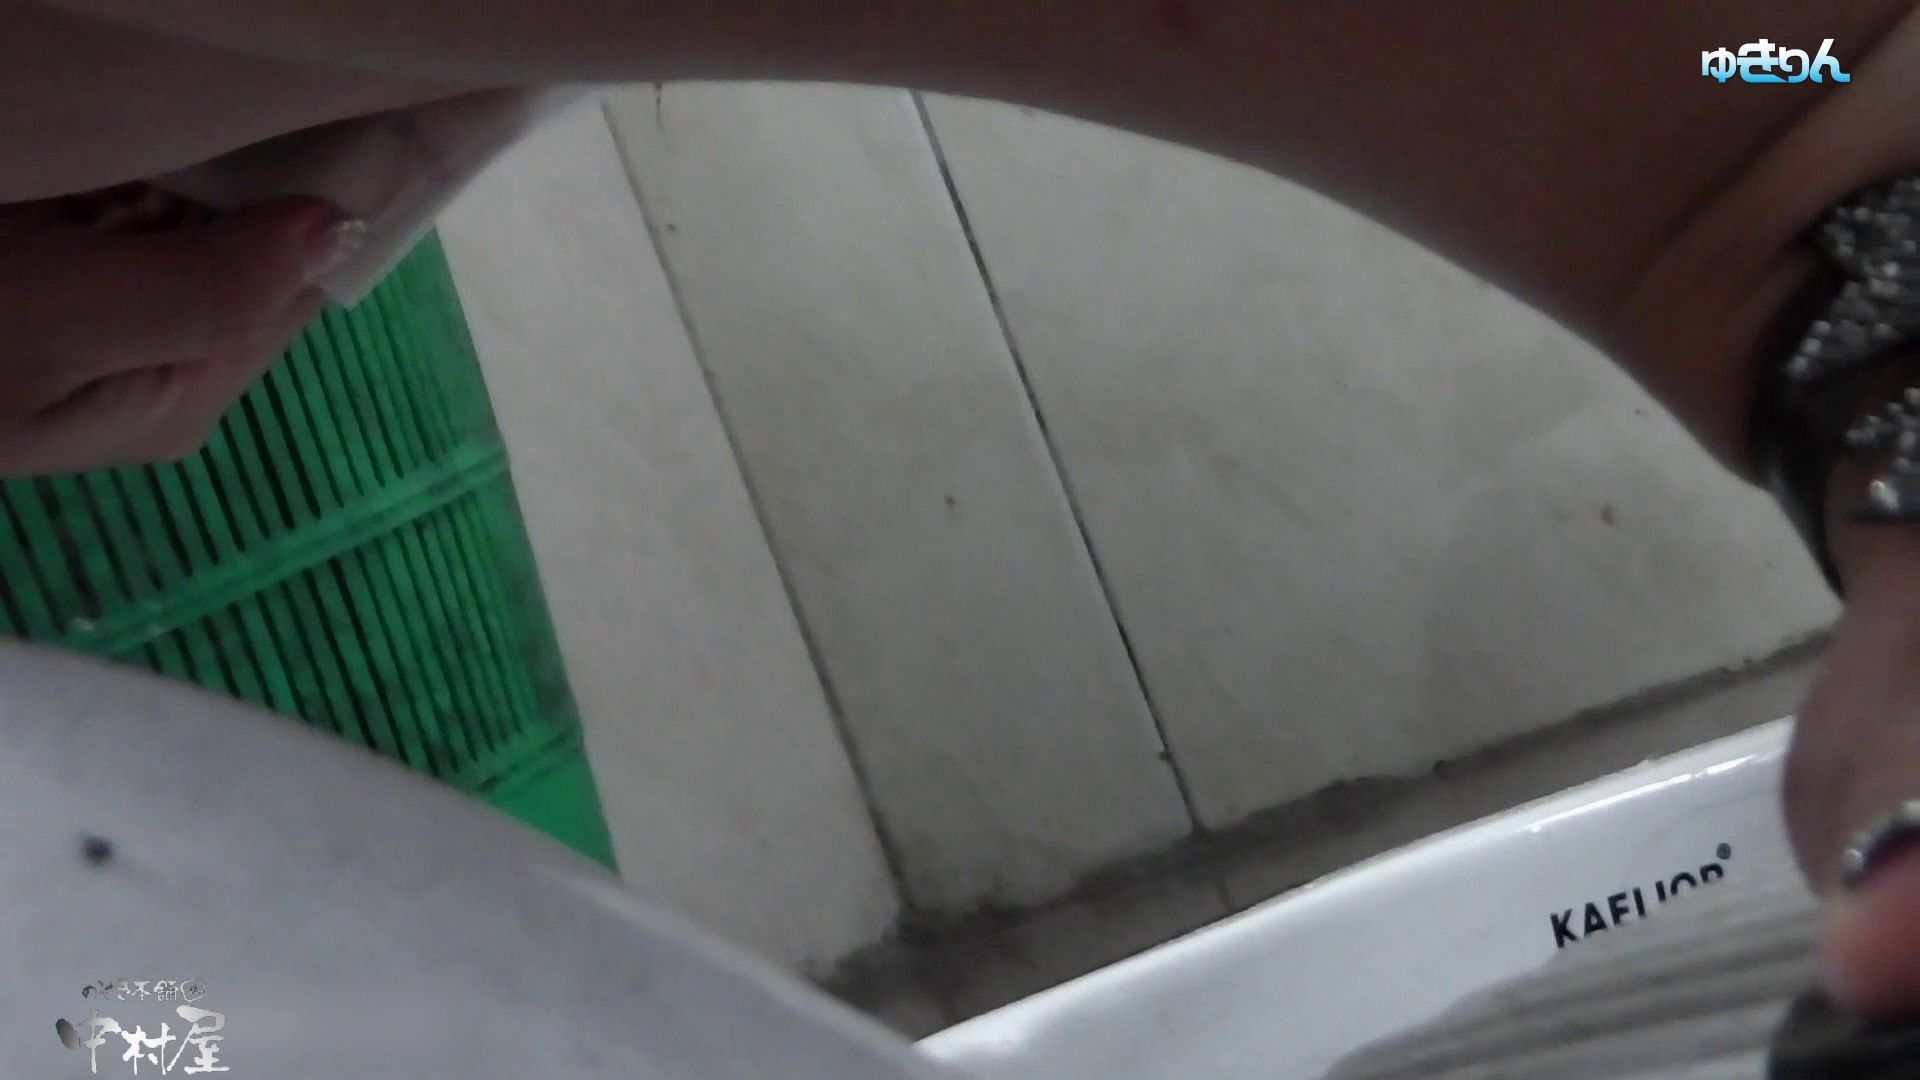 世界の射窓から~ステーション編 vol60 ユキリン粘着撮り!!今回はタイトなパンツが似合う美女 美女丸裸 | 美しいOLの裸体  100pic 33